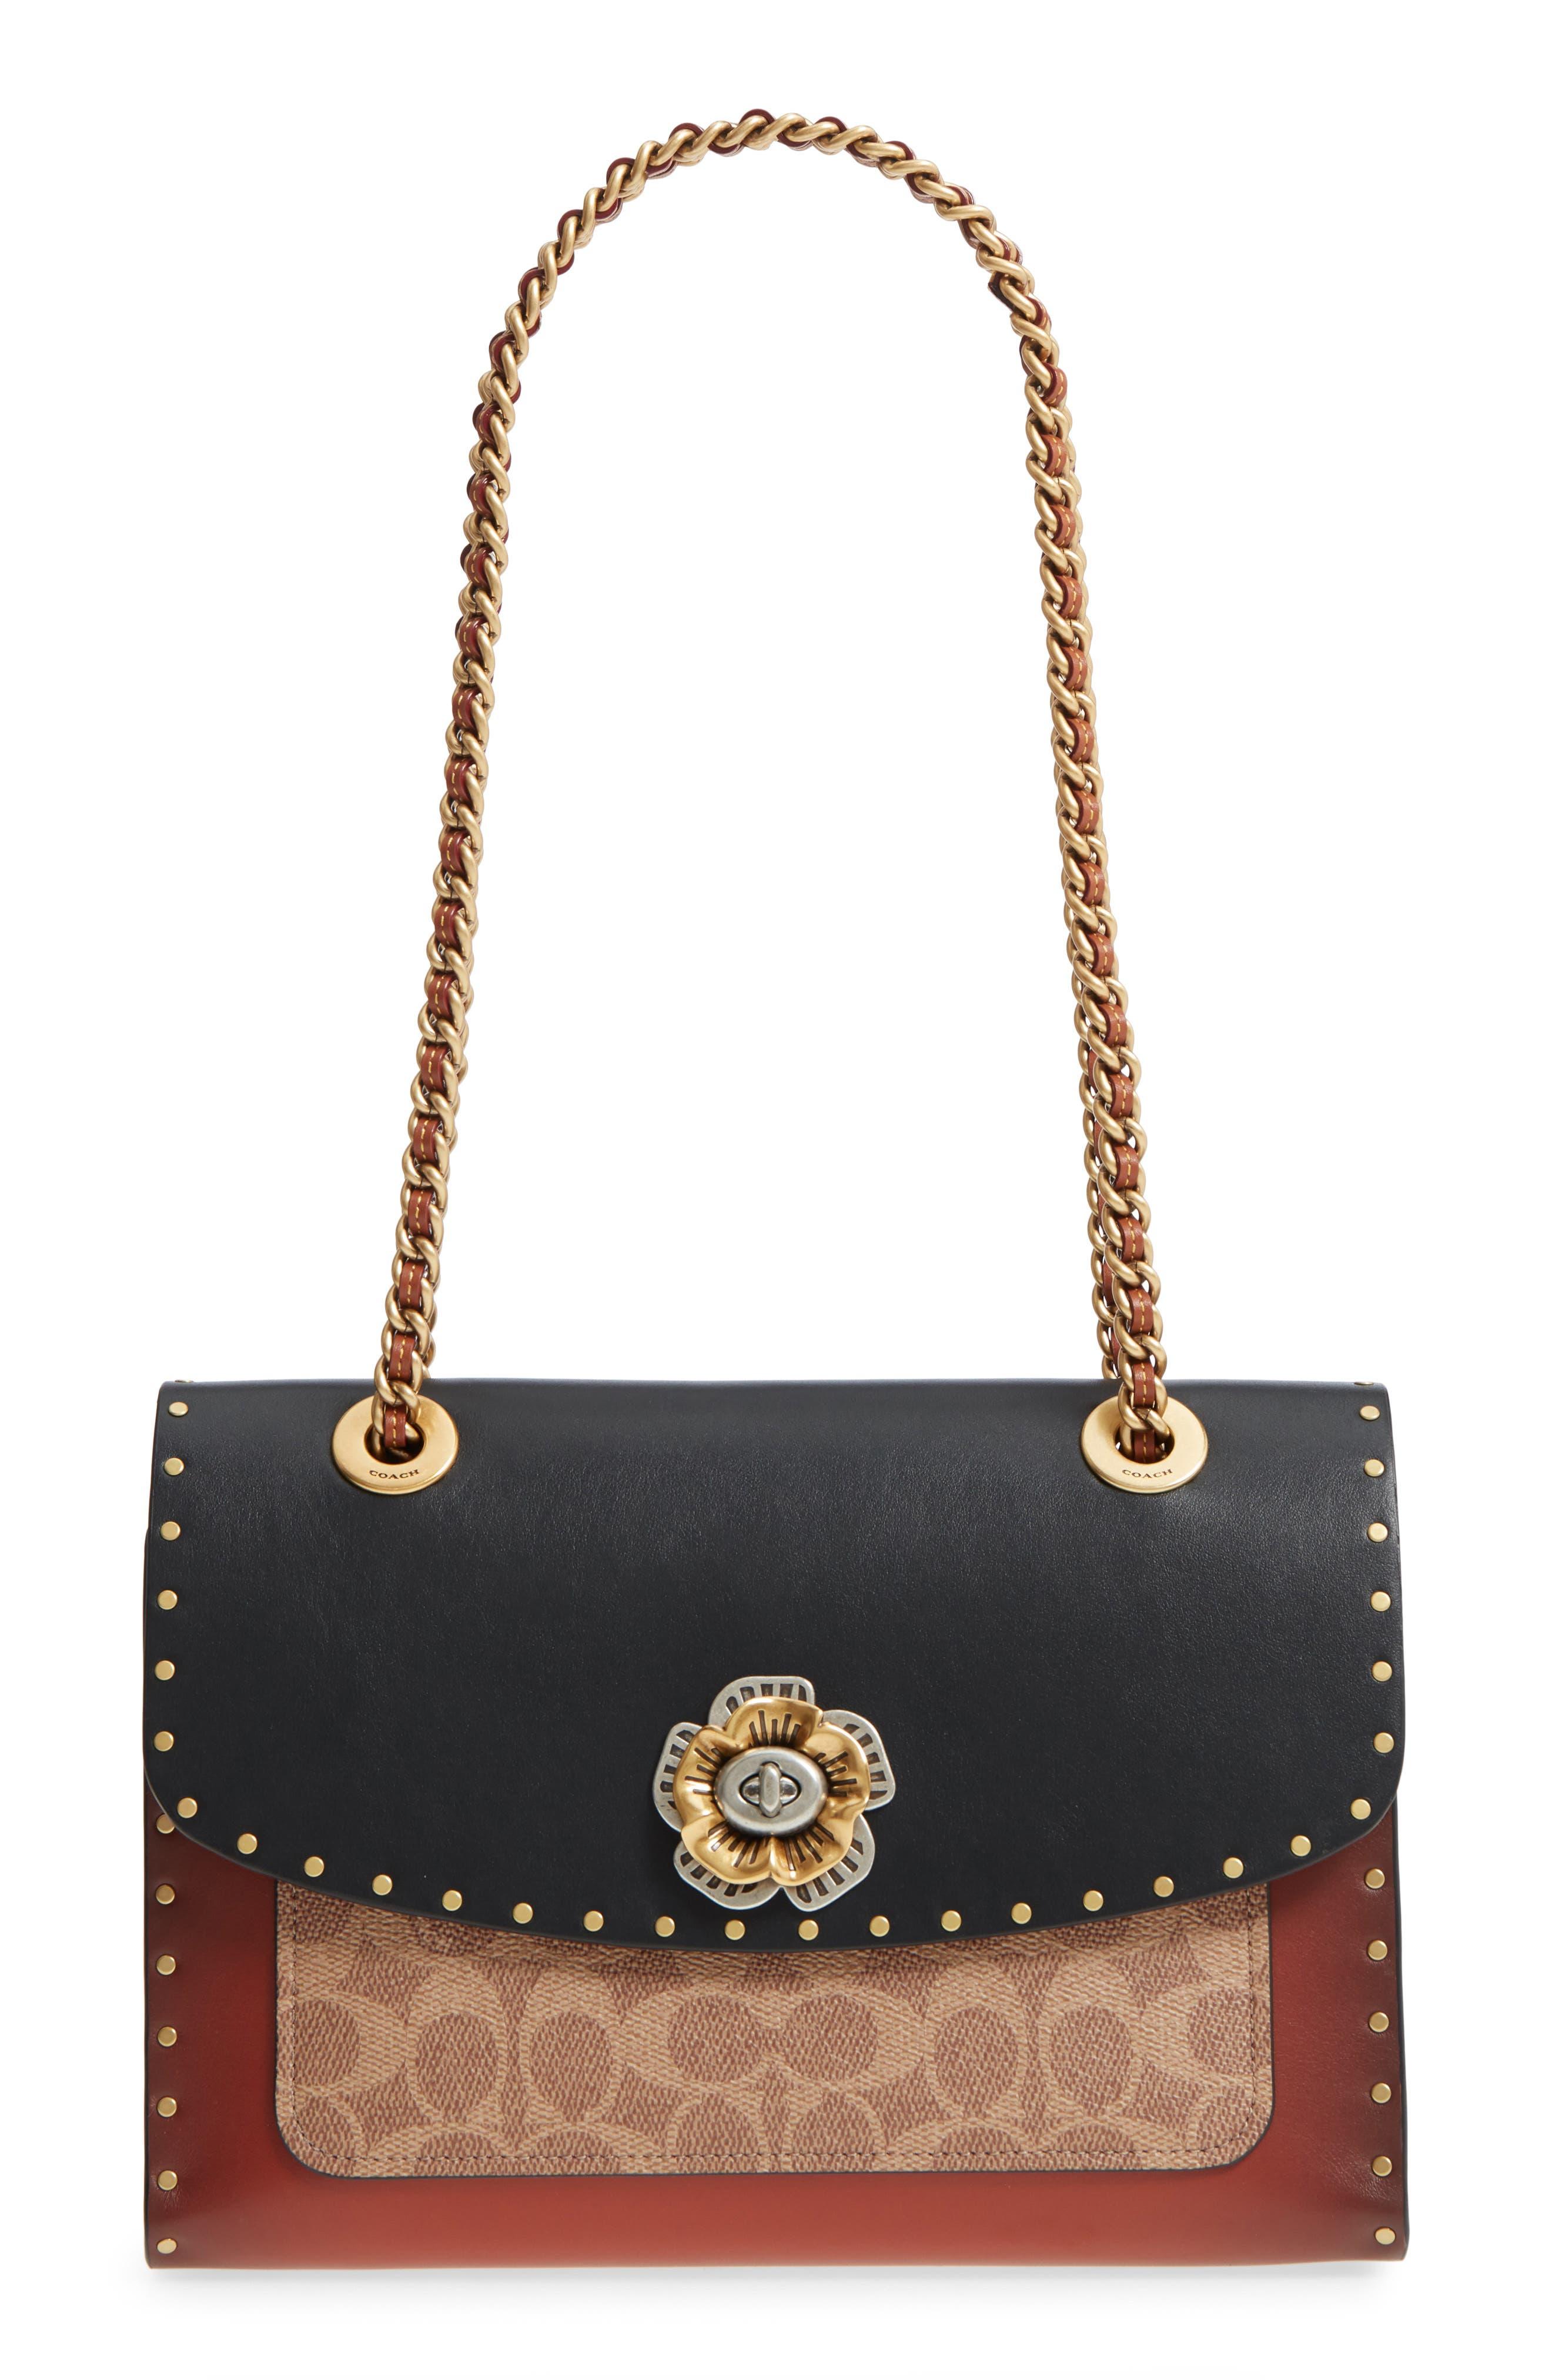 Parker Leather & Genuine Snakeskin Shoulder Bag,                             Main thumbnail 1, color,                             BLACK MULTI